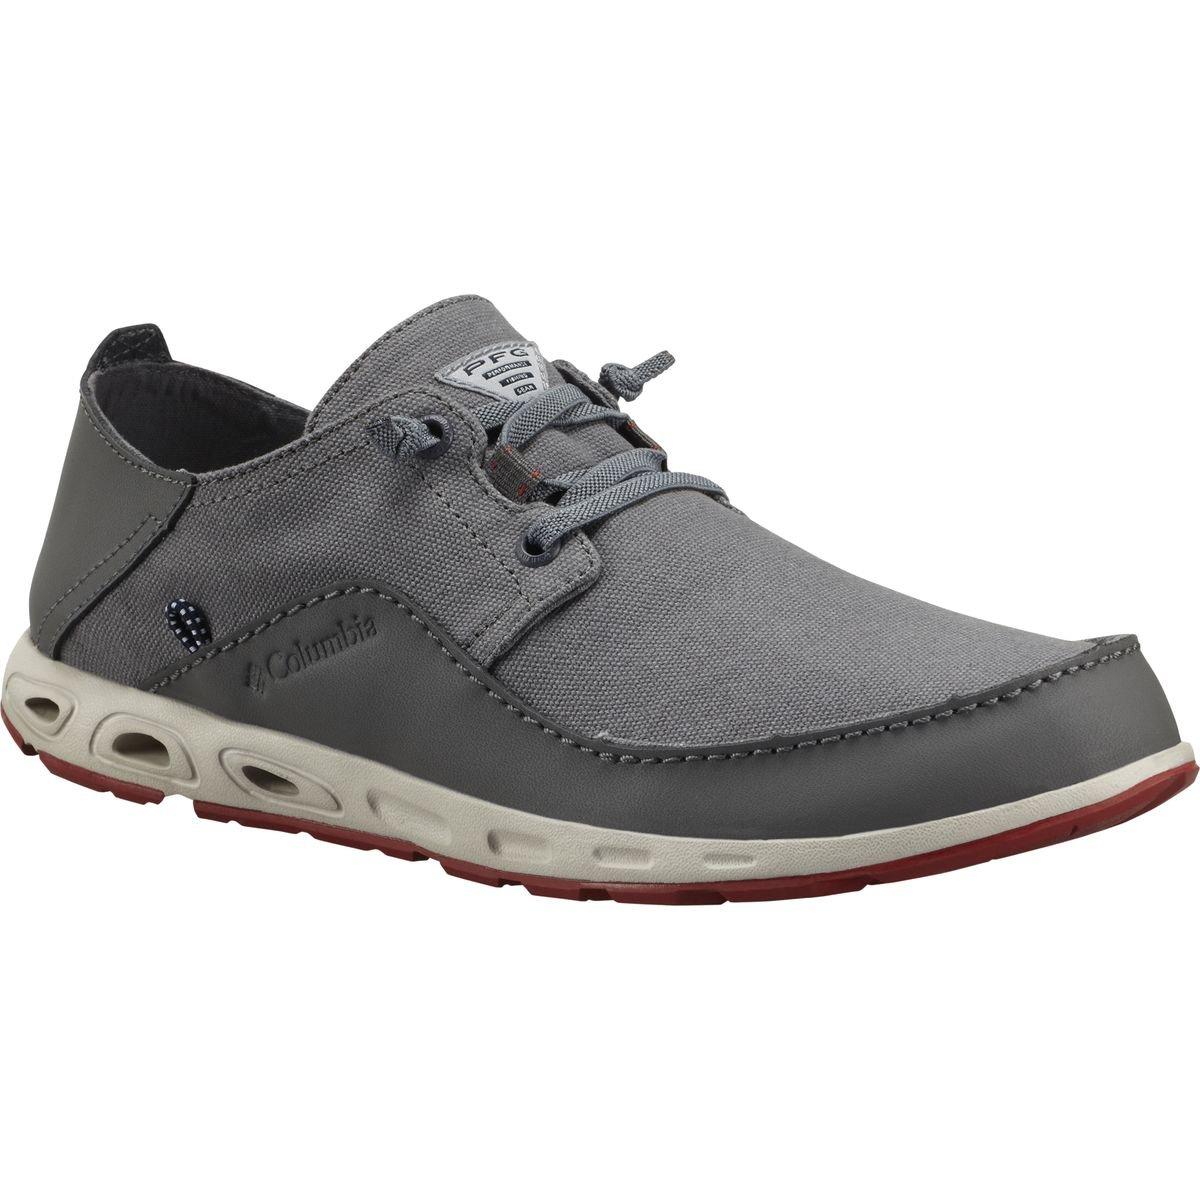 (コロンビア) Columbia Bahama Vent Relaxed PFG Shoe メンズ ウォーターシューズ [並行輸入品] B078TBPFMS